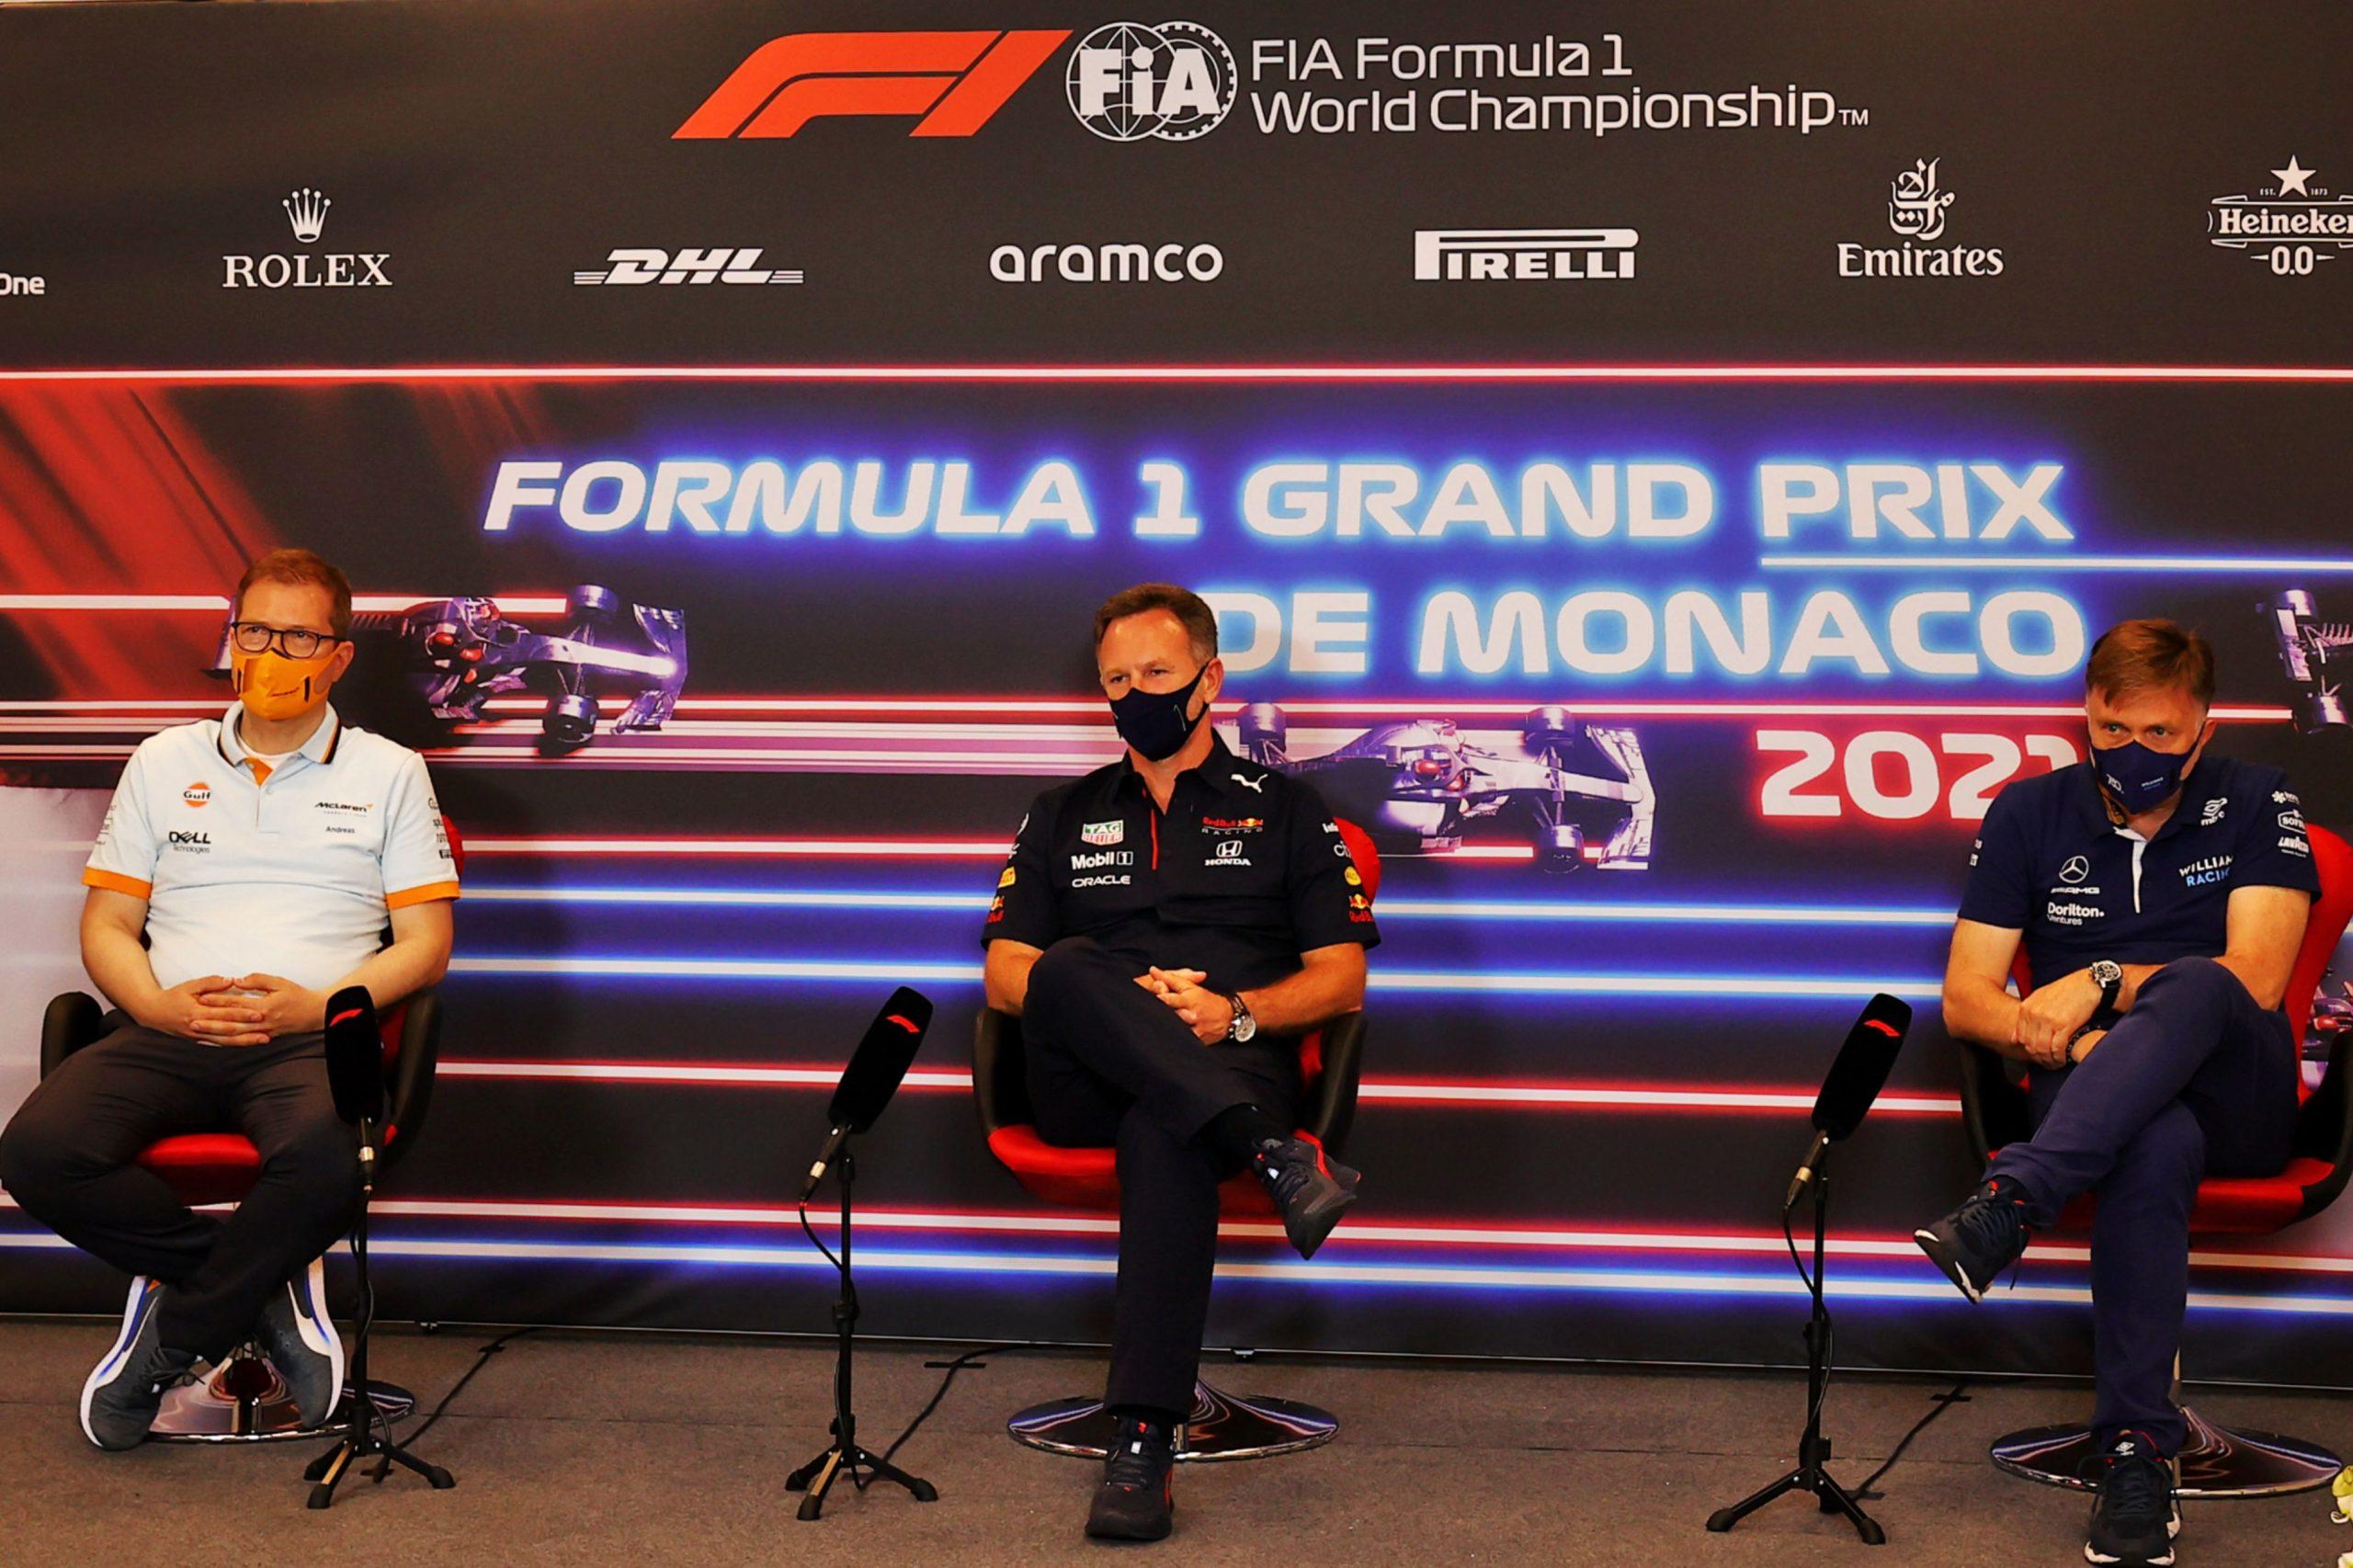 friday press conference FIA